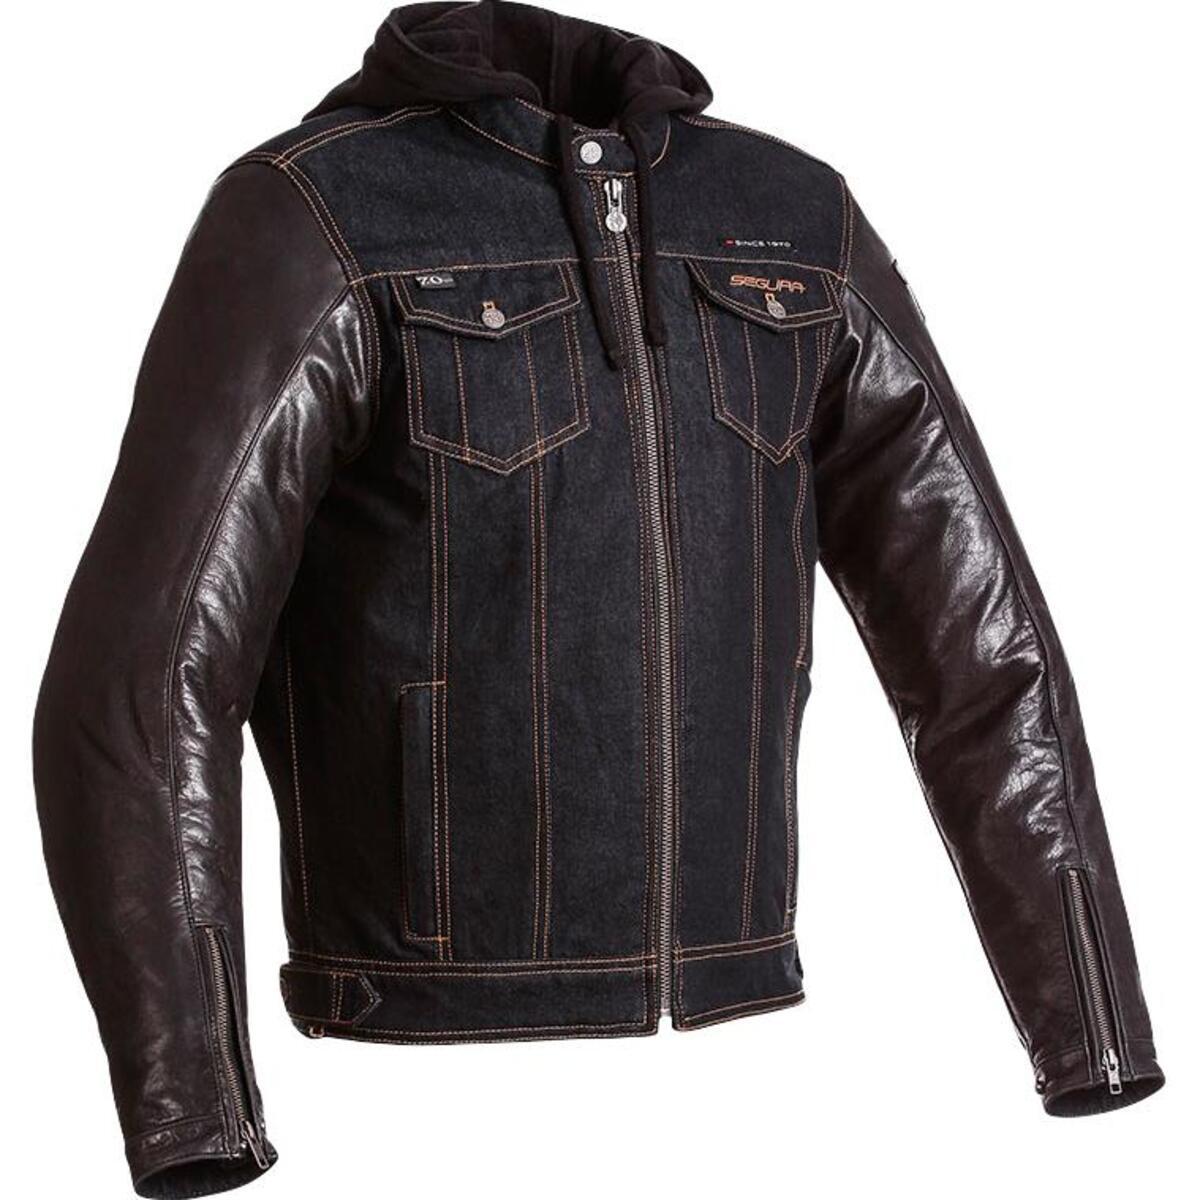 Bild 2 von Segura Veloce Leder-/Textiljacke blau Herren Größe L